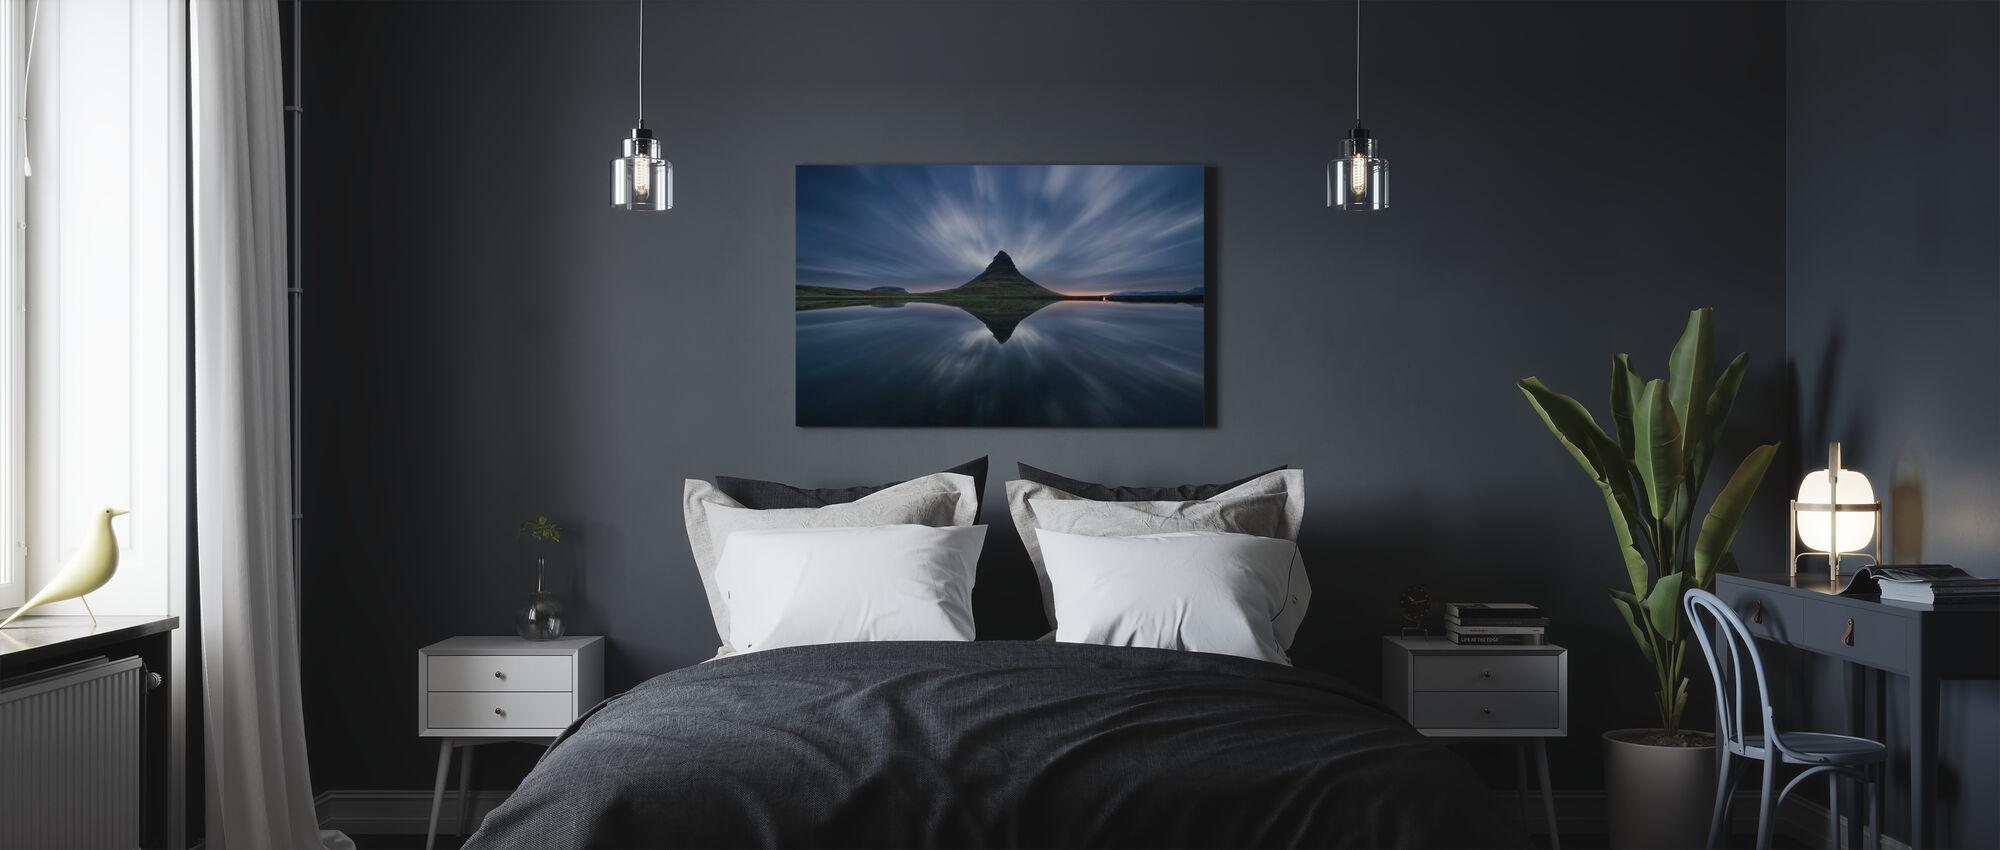 Kirkufjell - Canvastaulu - Makuuhuone